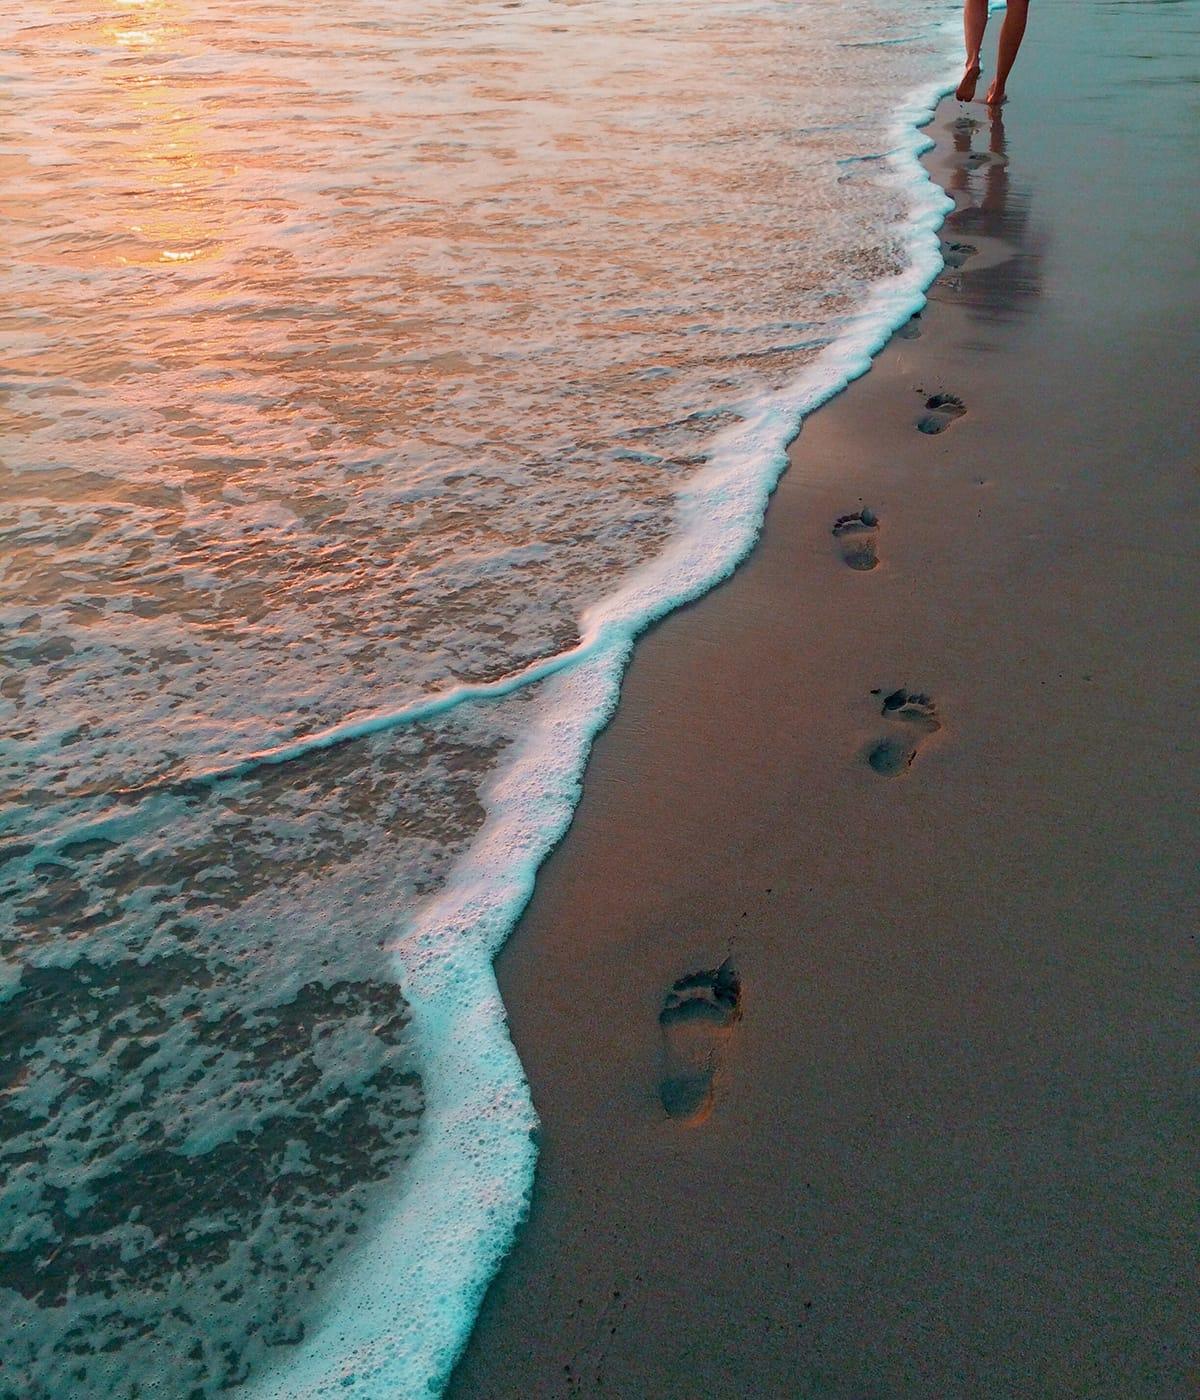 Das optimale Mittel gegen schwere Beine ist ein täglicher Spaziergang am Strand mit nackten Füßen.